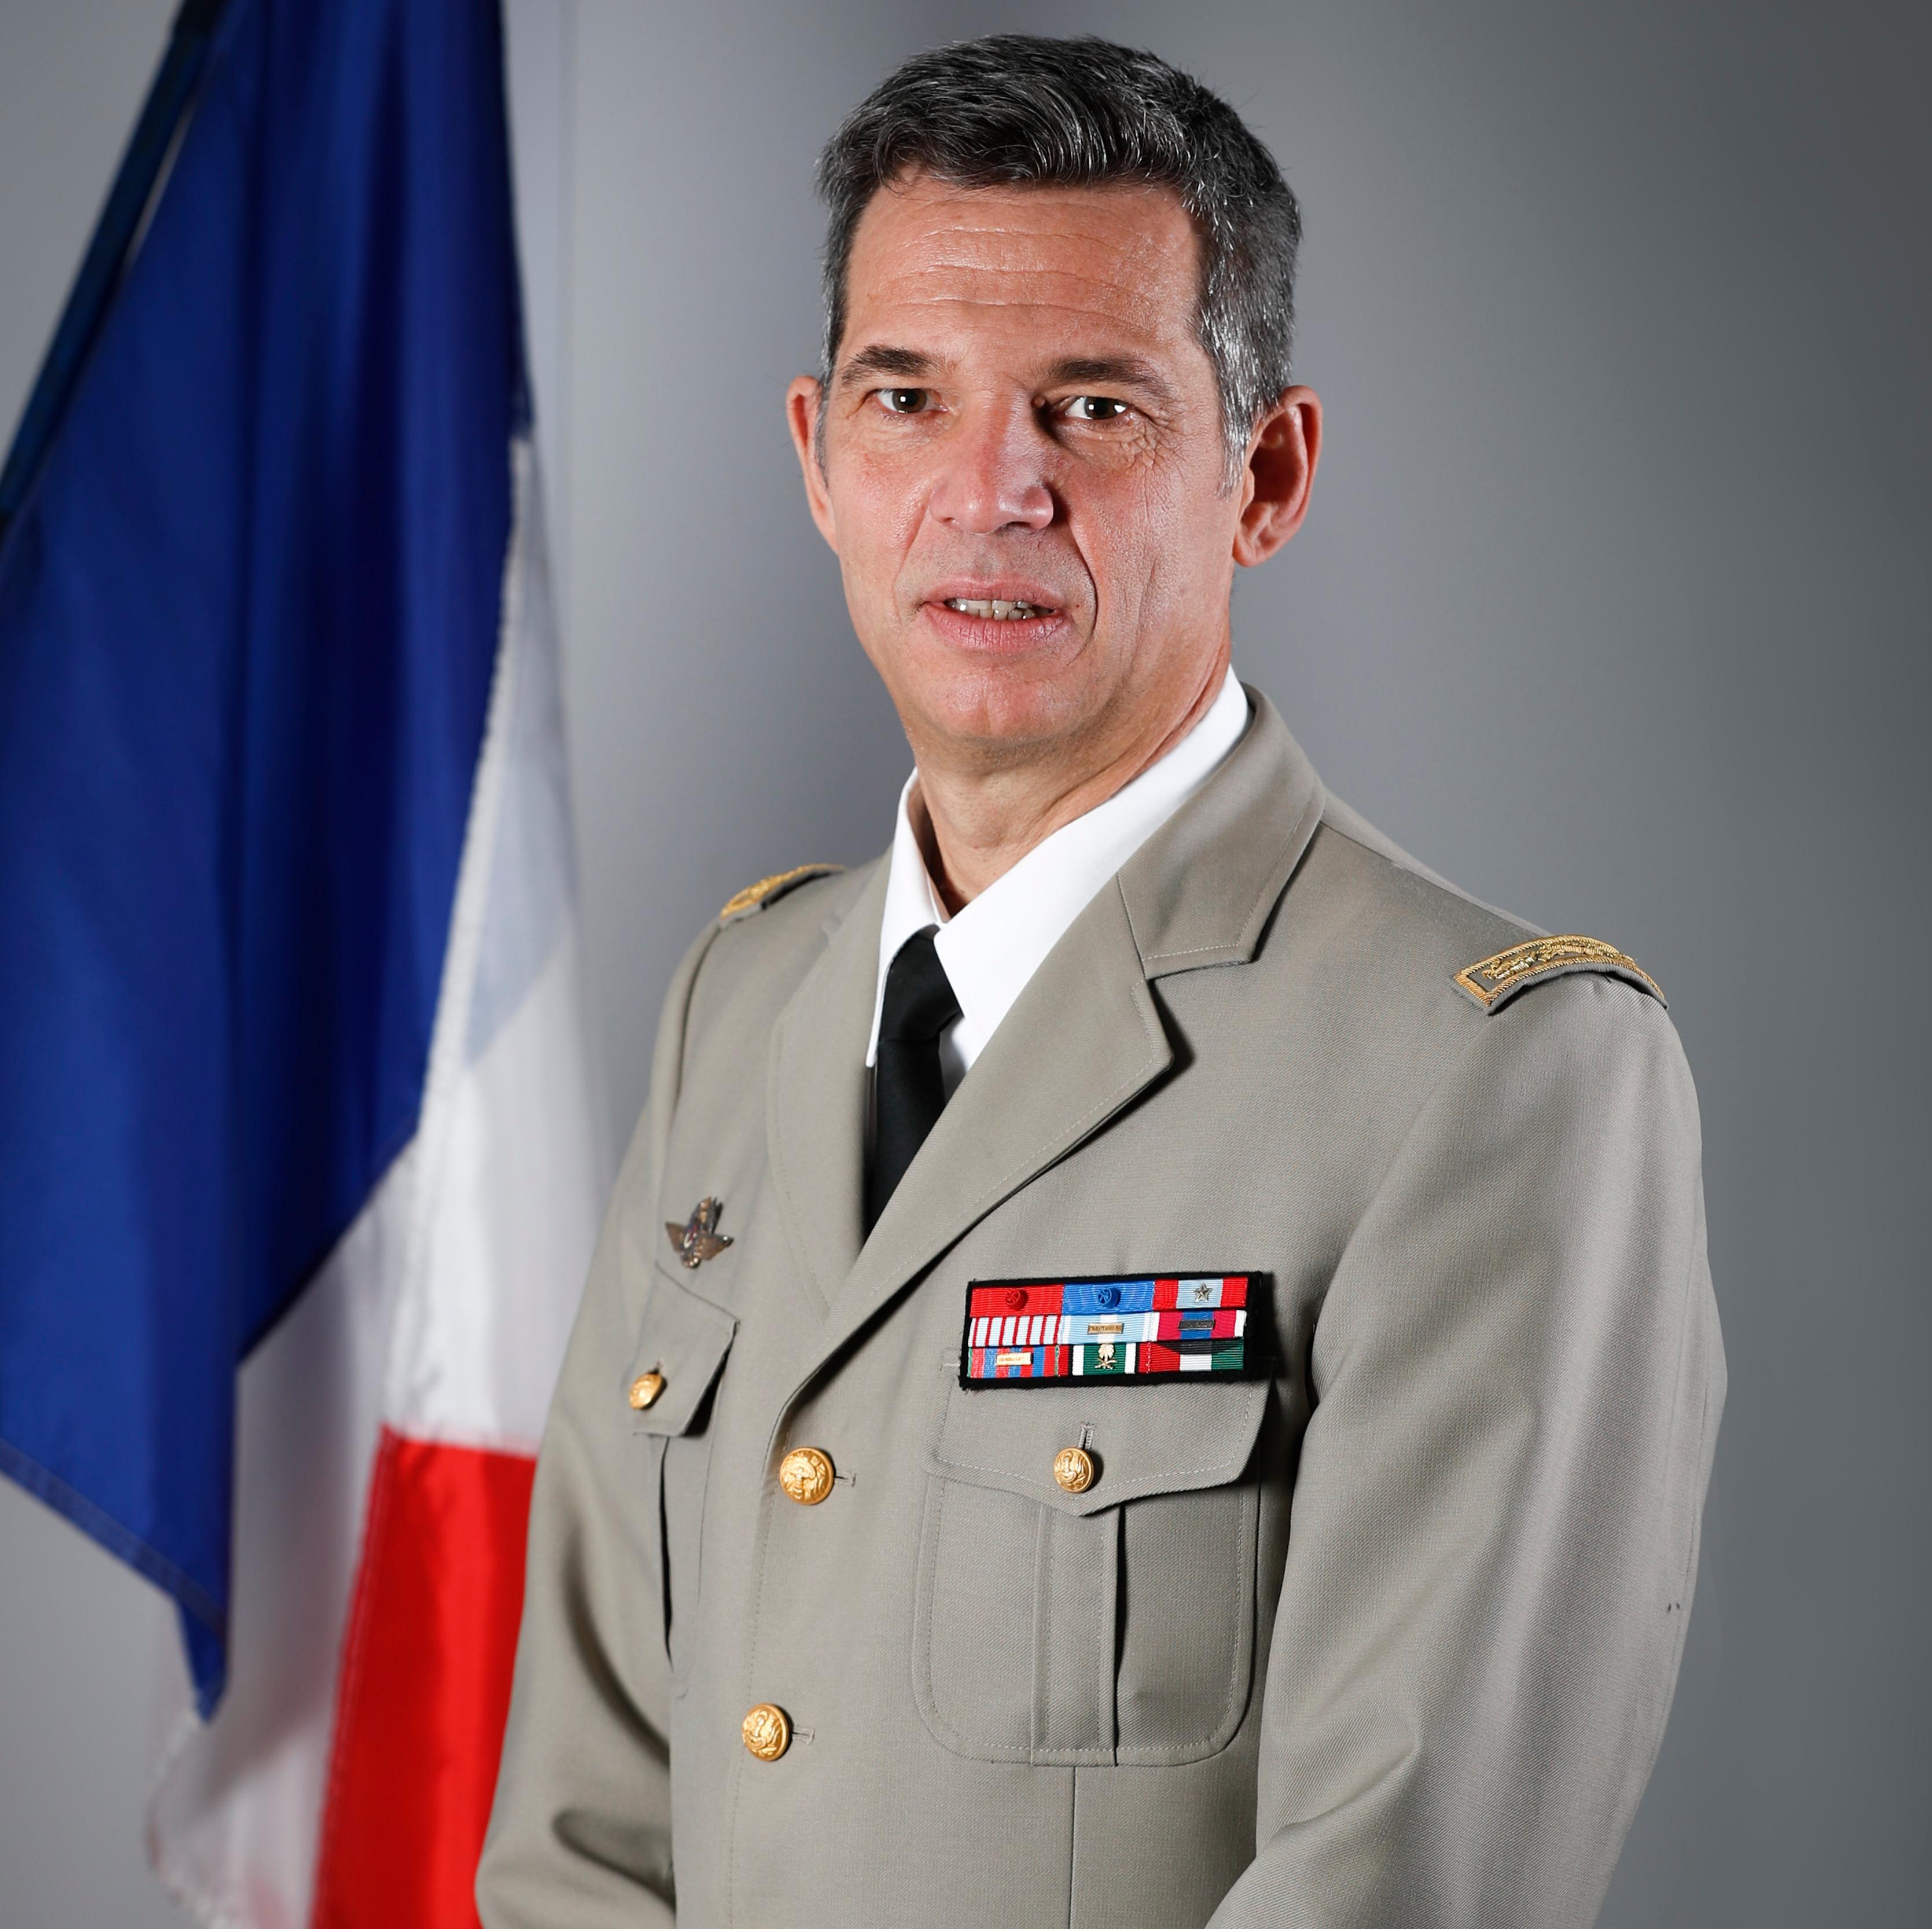 Général Bonnet de Paillerets